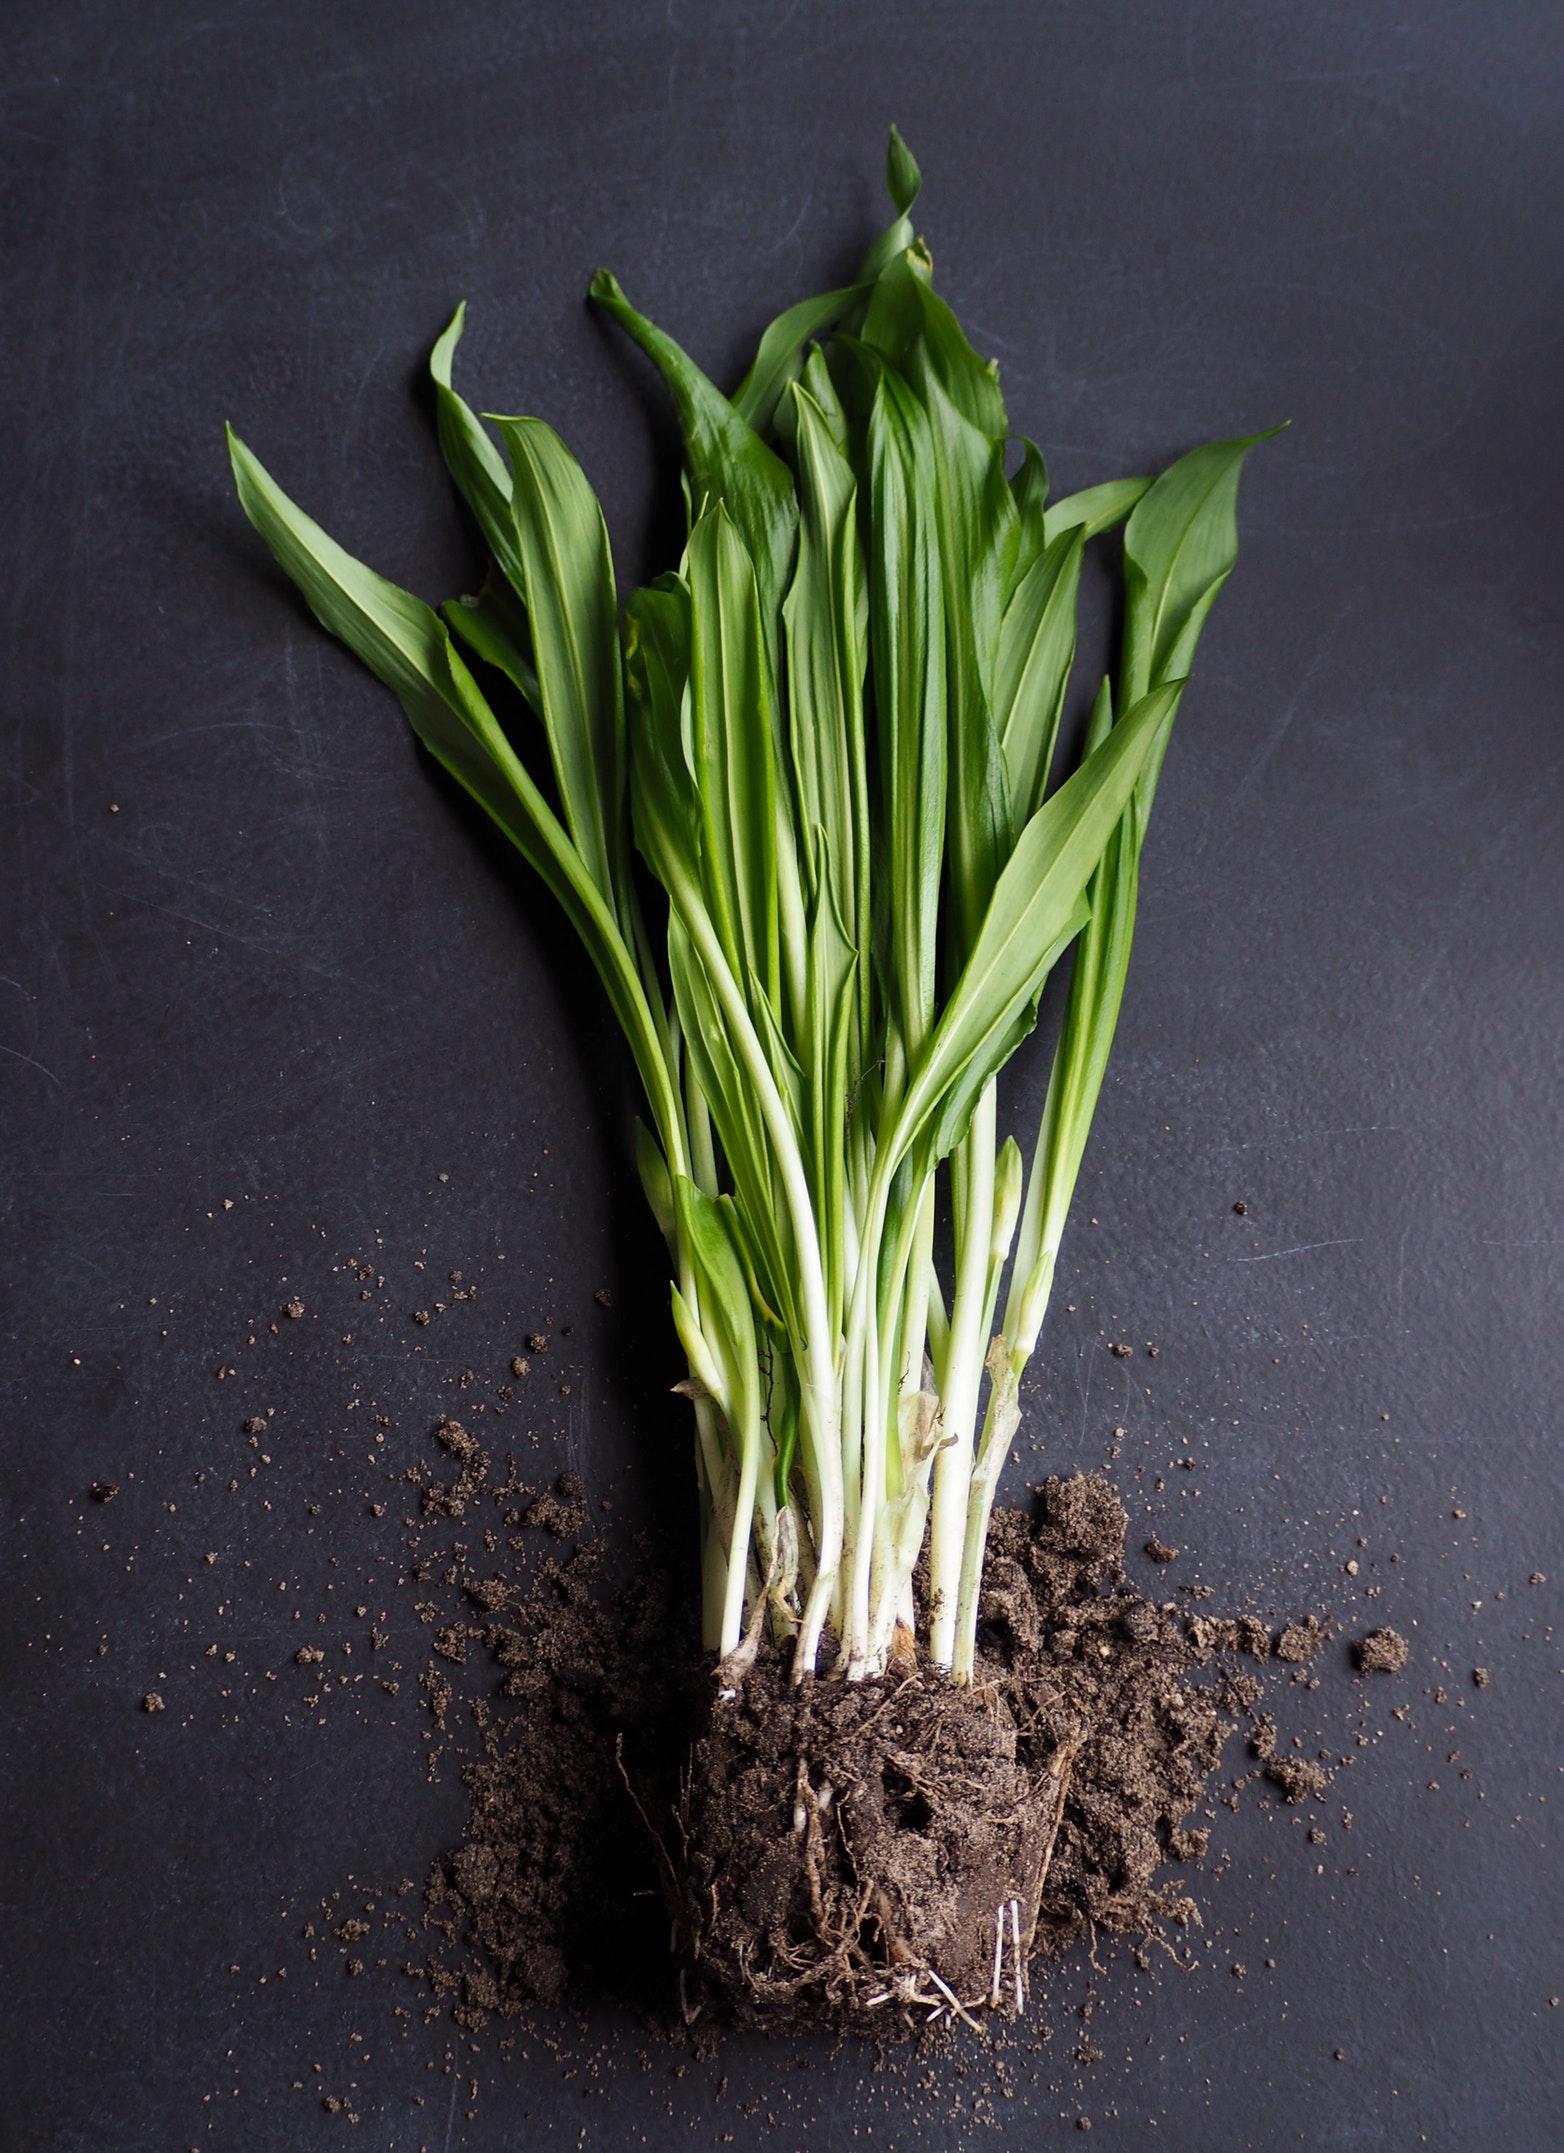 Что такое черемша, как выглядит дикий чеснок, как его правильно выращивать